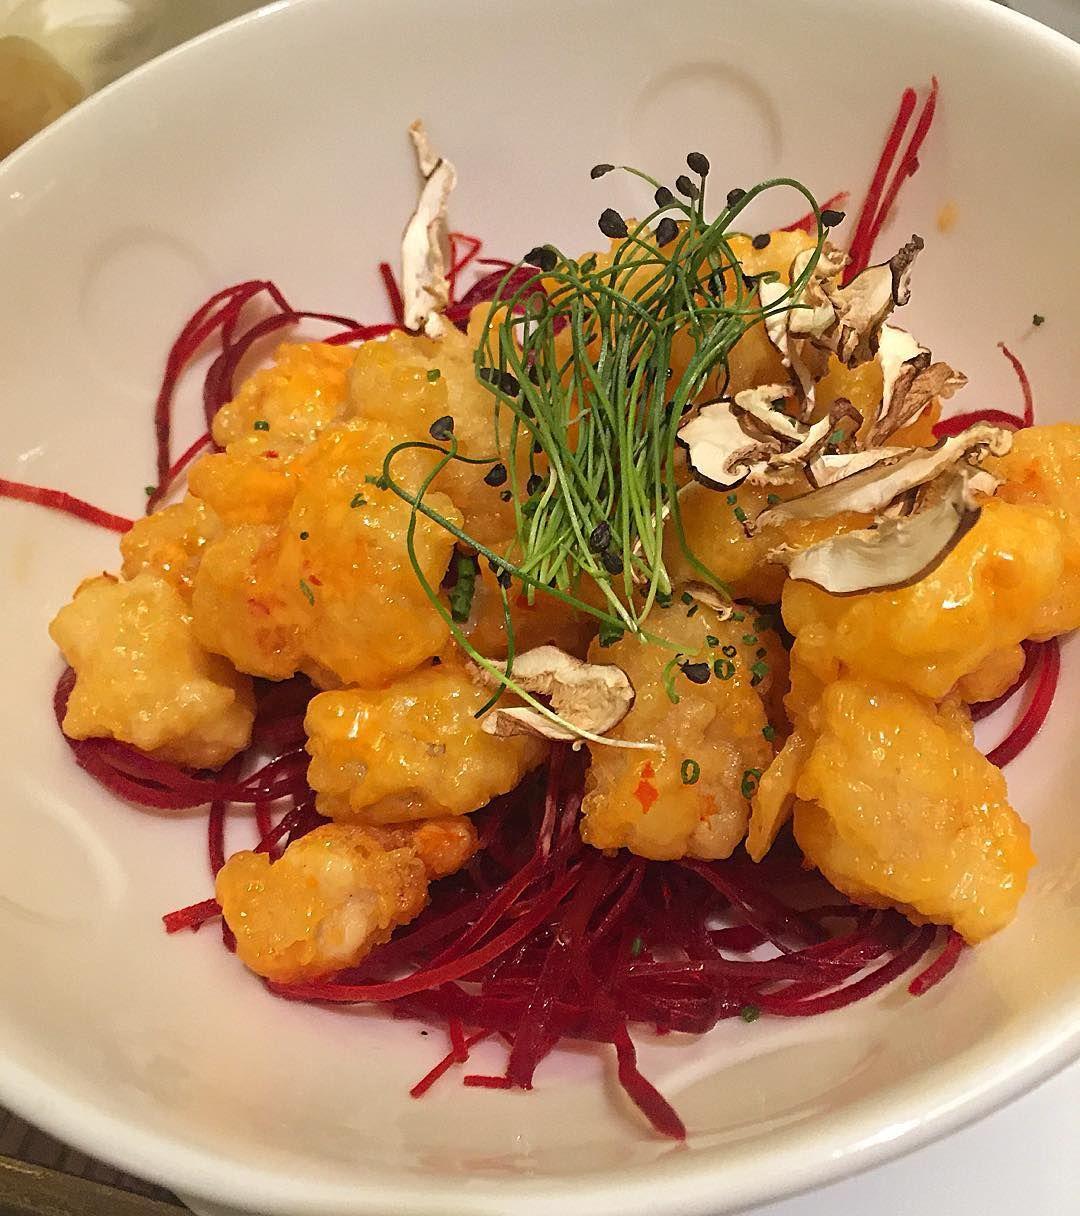 Rock shrimp tempura at Nobu  by annarfasano